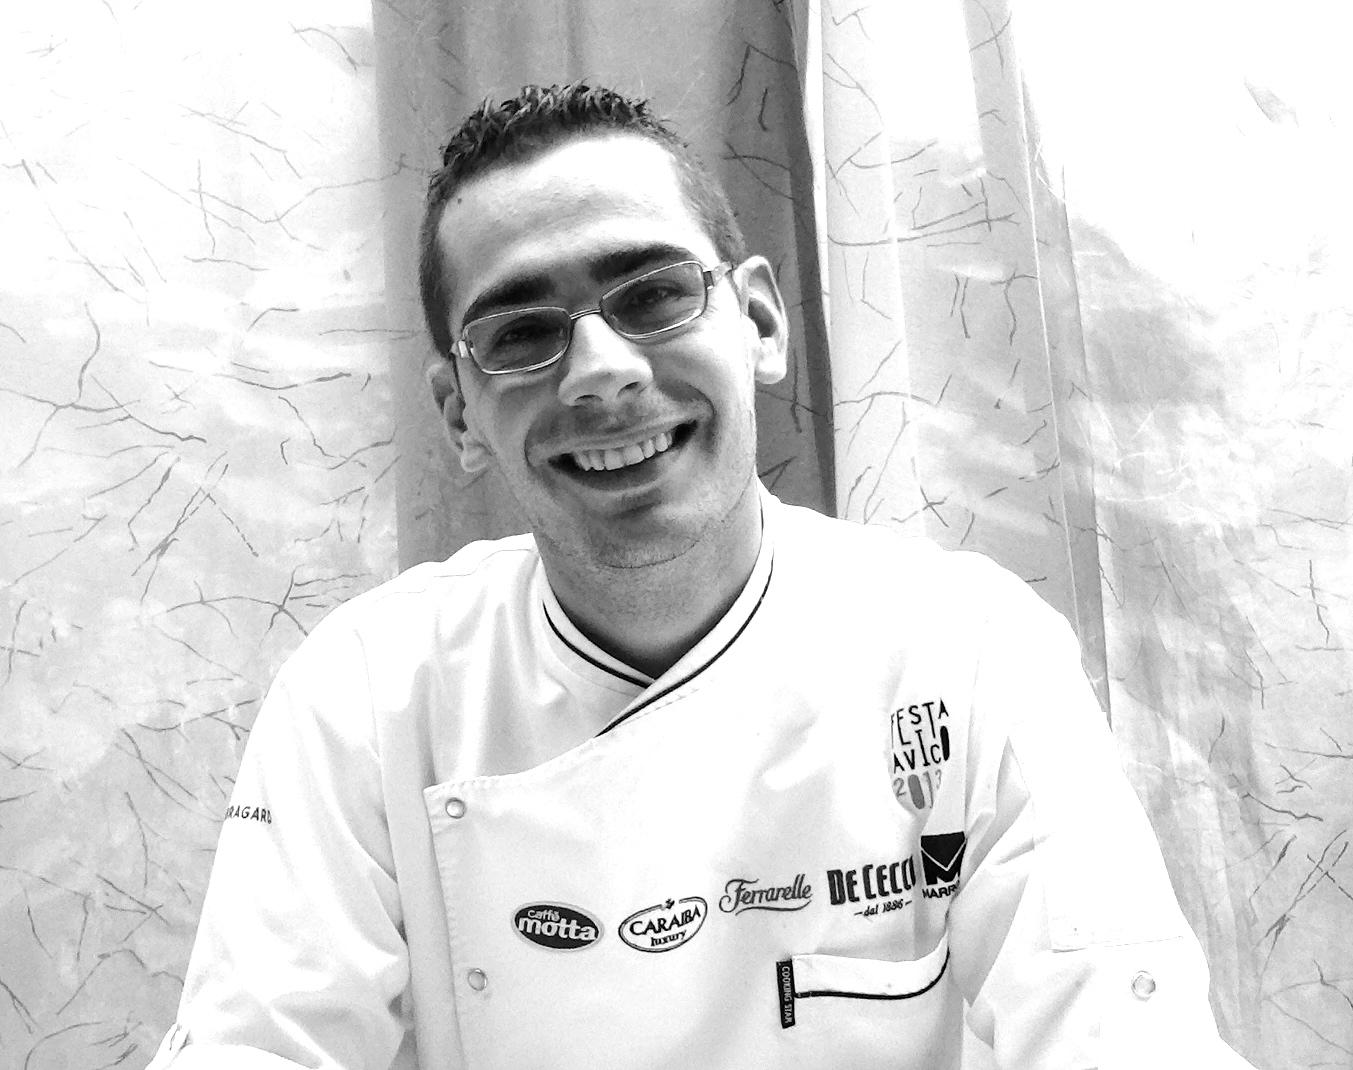 Diego Rigotti, Maso Franch, una stella Michelin, Trentino